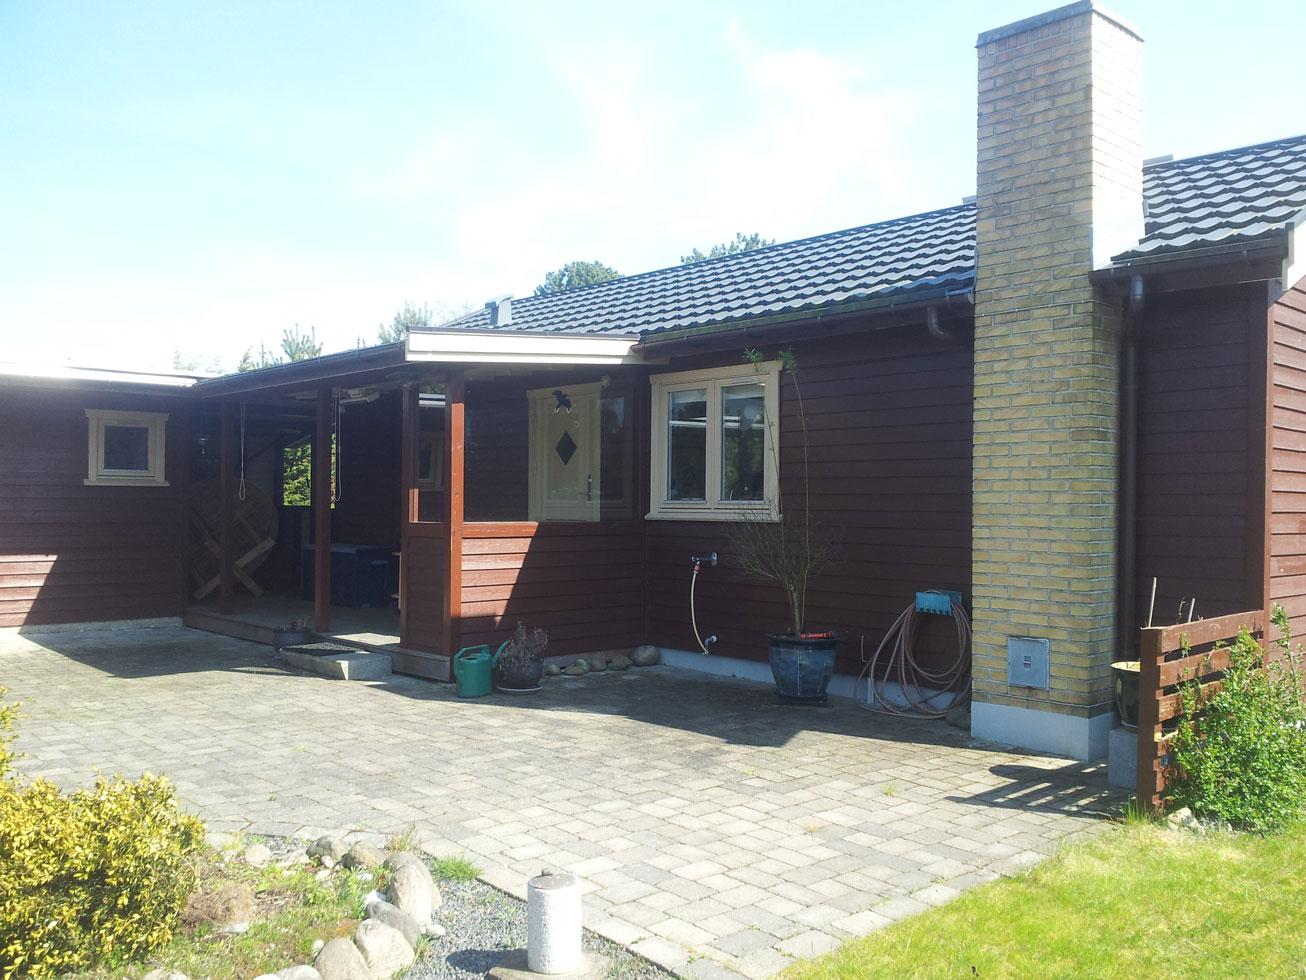 Sommerhus før